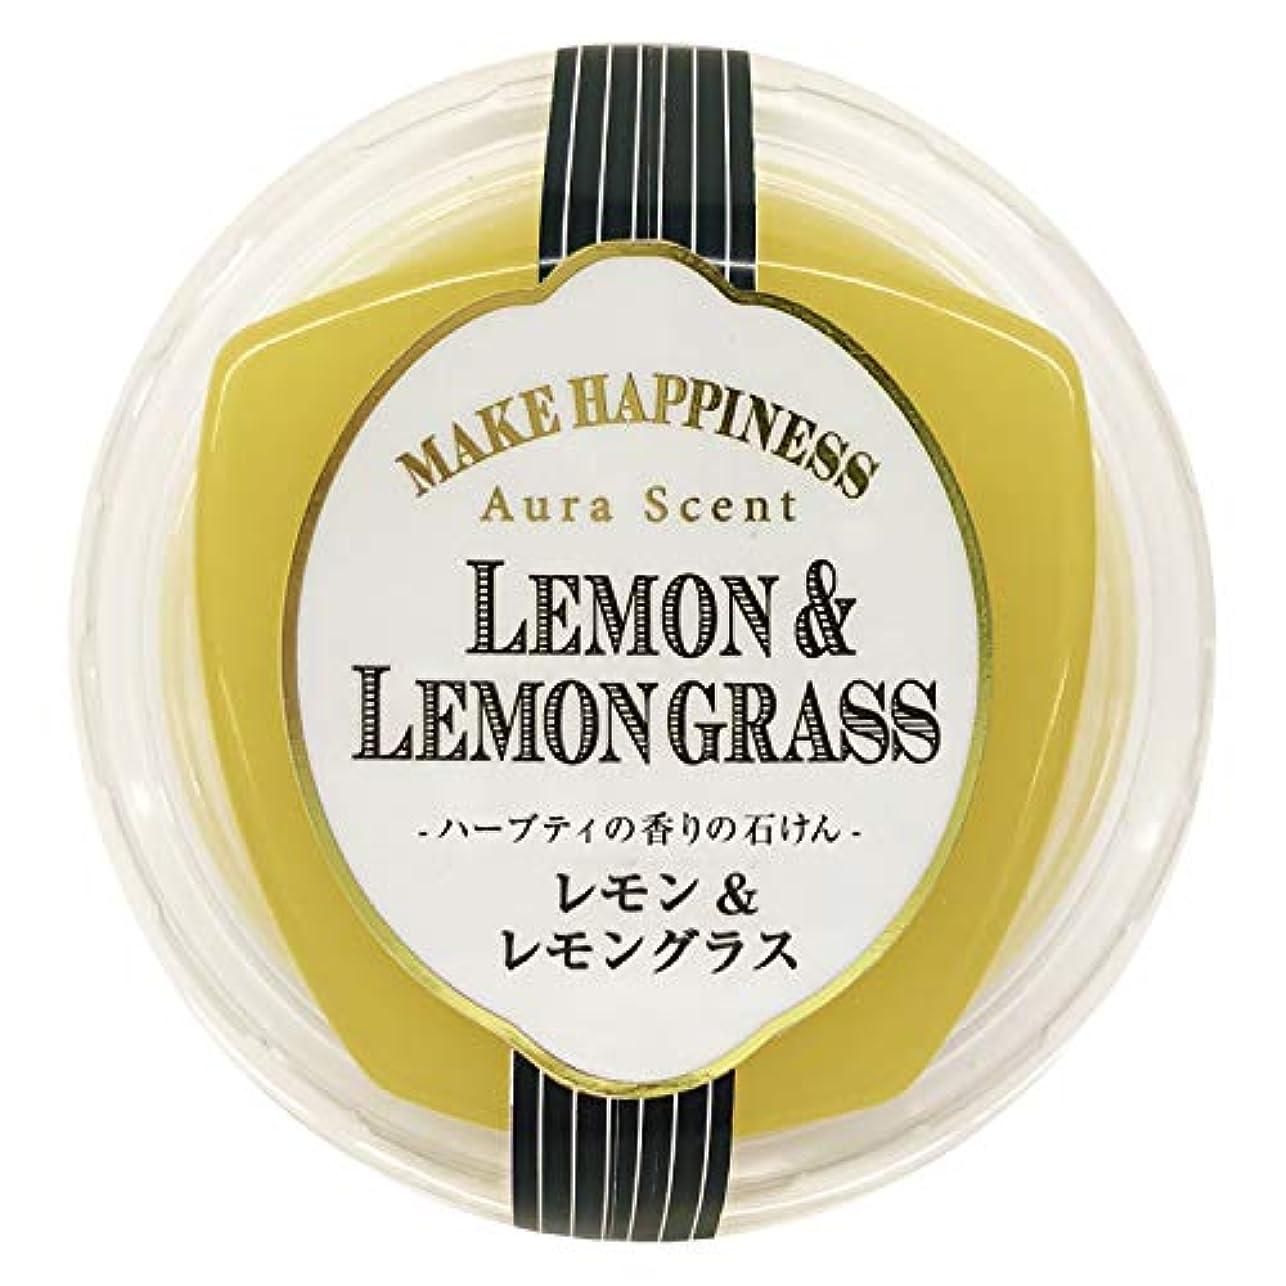 理想的ストレスの多い工業化するペリカン石鹸 オーラセント クリアソープレモン&レモングラス 75g